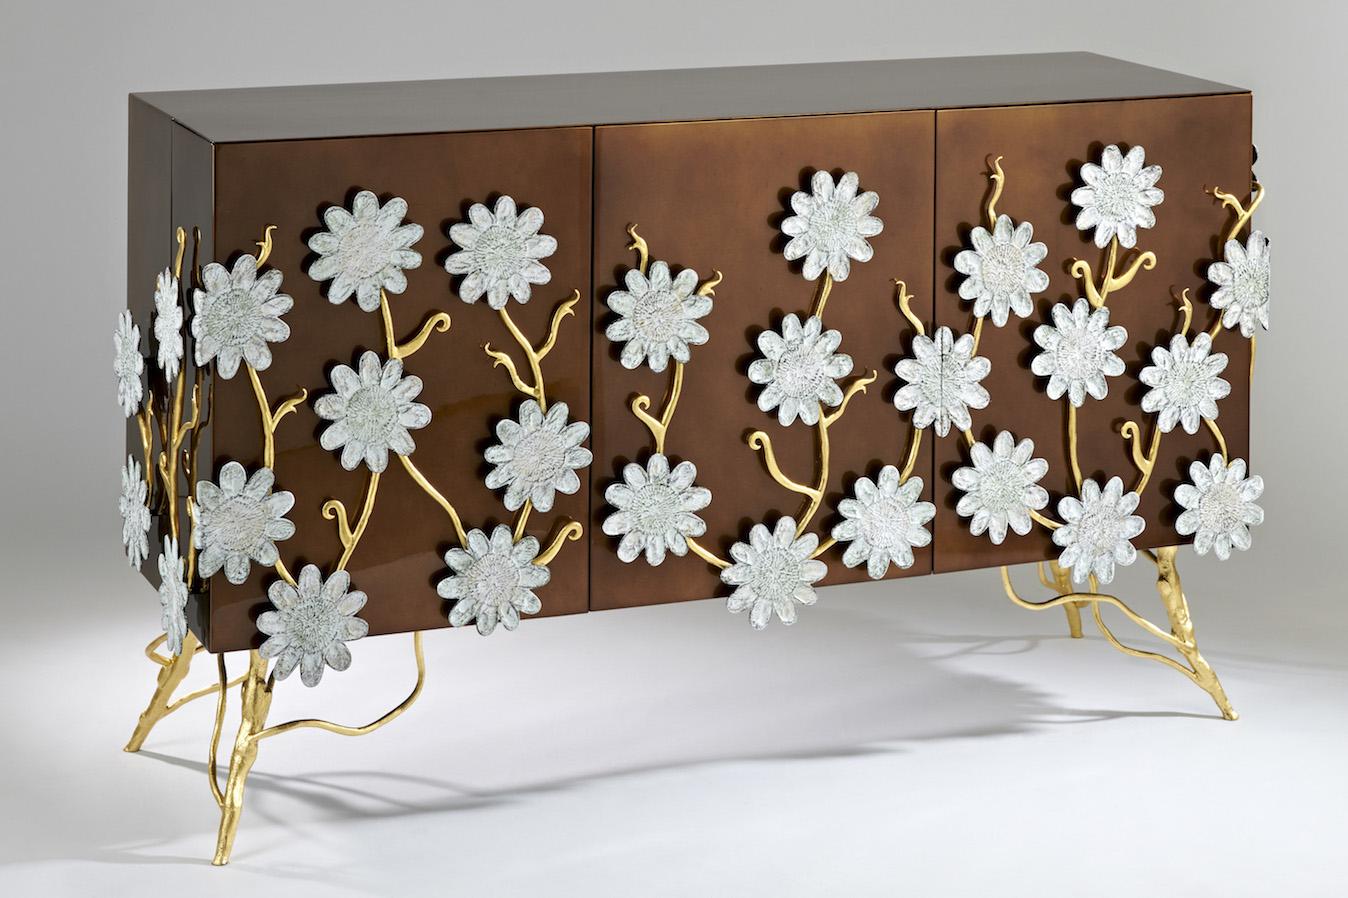 French Collection: эксклюзивное мастерство и коллекционный дизайн